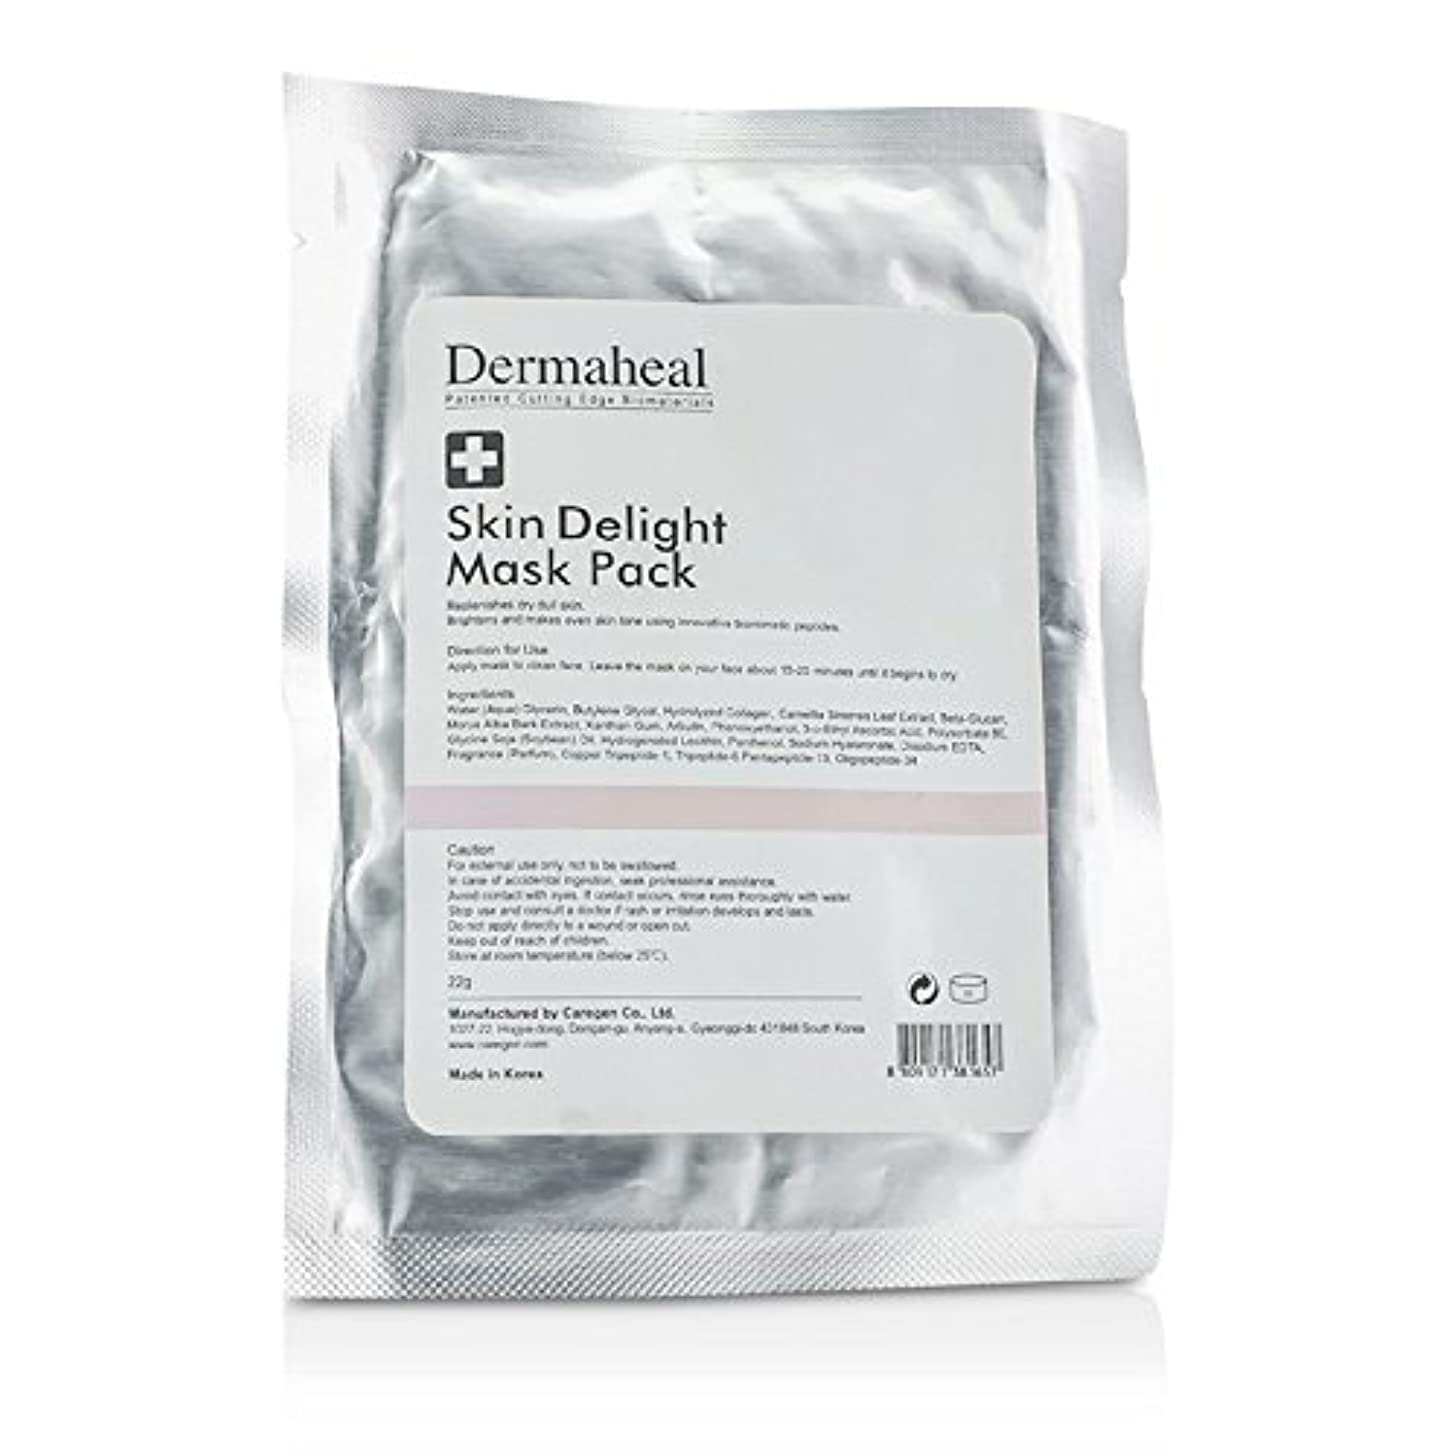 等価手焦げダーマヒール Skin Delight Mask Pack 22g/0.7oz並行輸入品